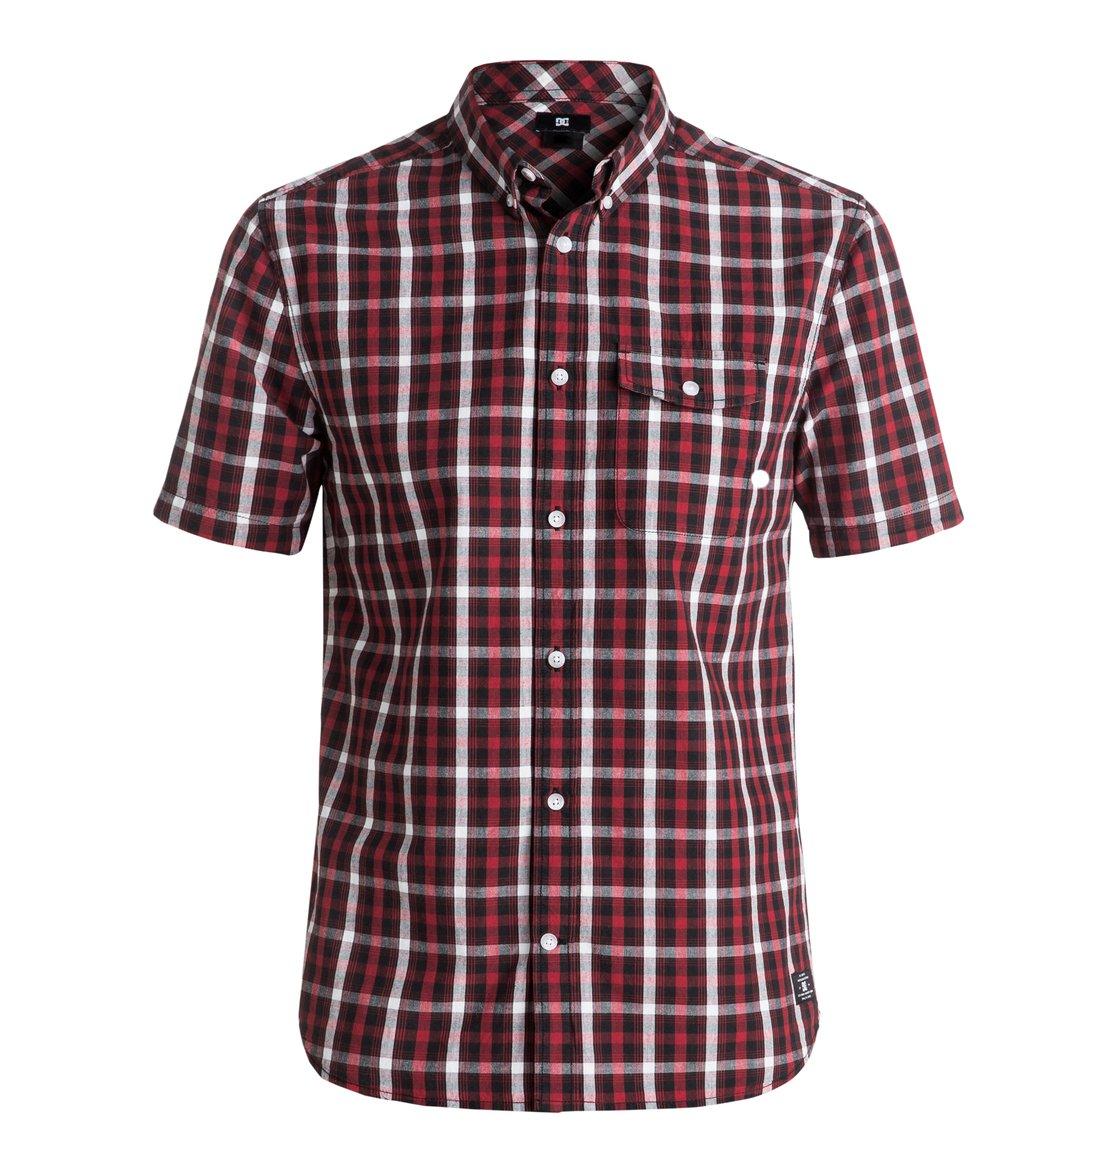 Рубашка с коротким рукавом Atura 5 рубашка в клетку dc atura 3 atura black page 9